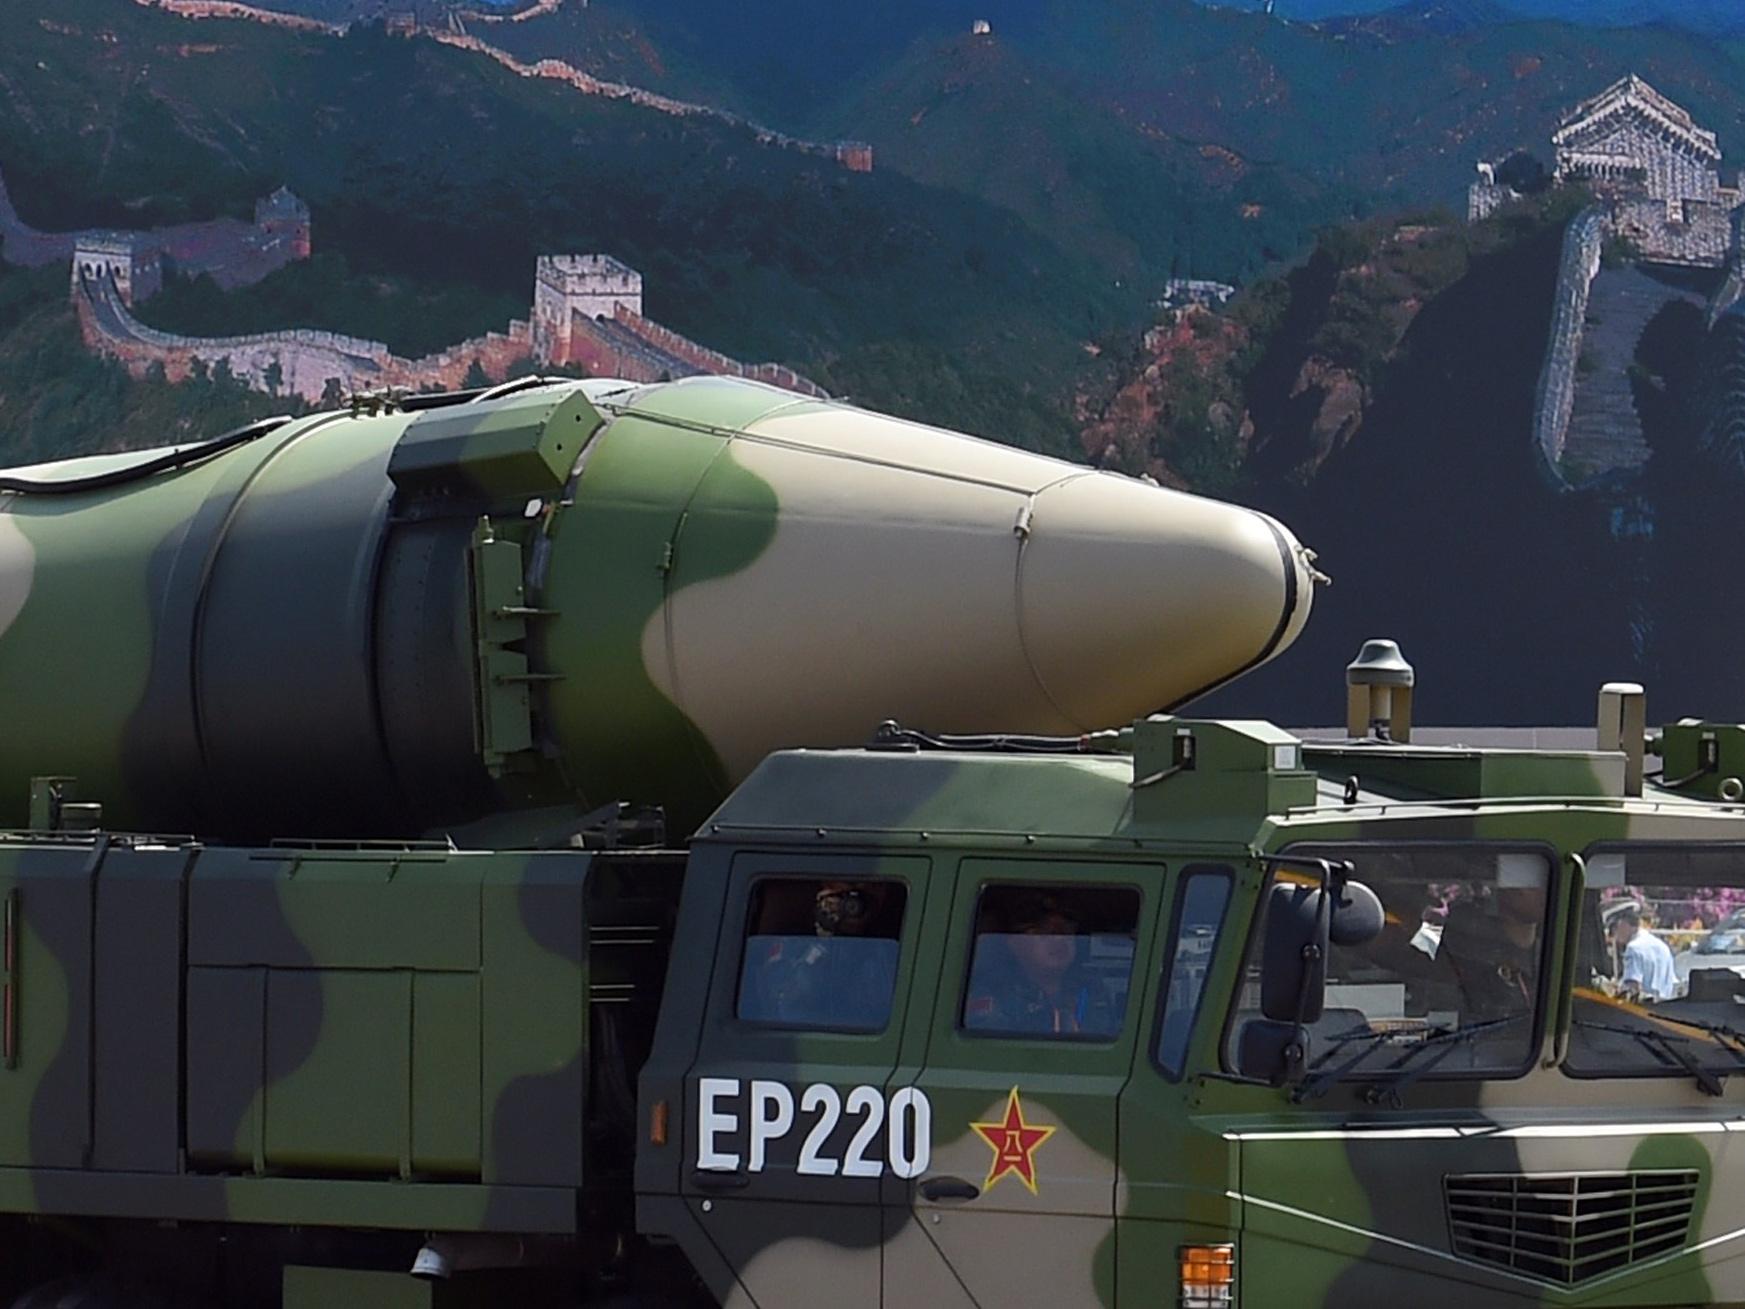 近づくなと米空母に警告-中国のミサイル発射、米軍基地もけん制か ...